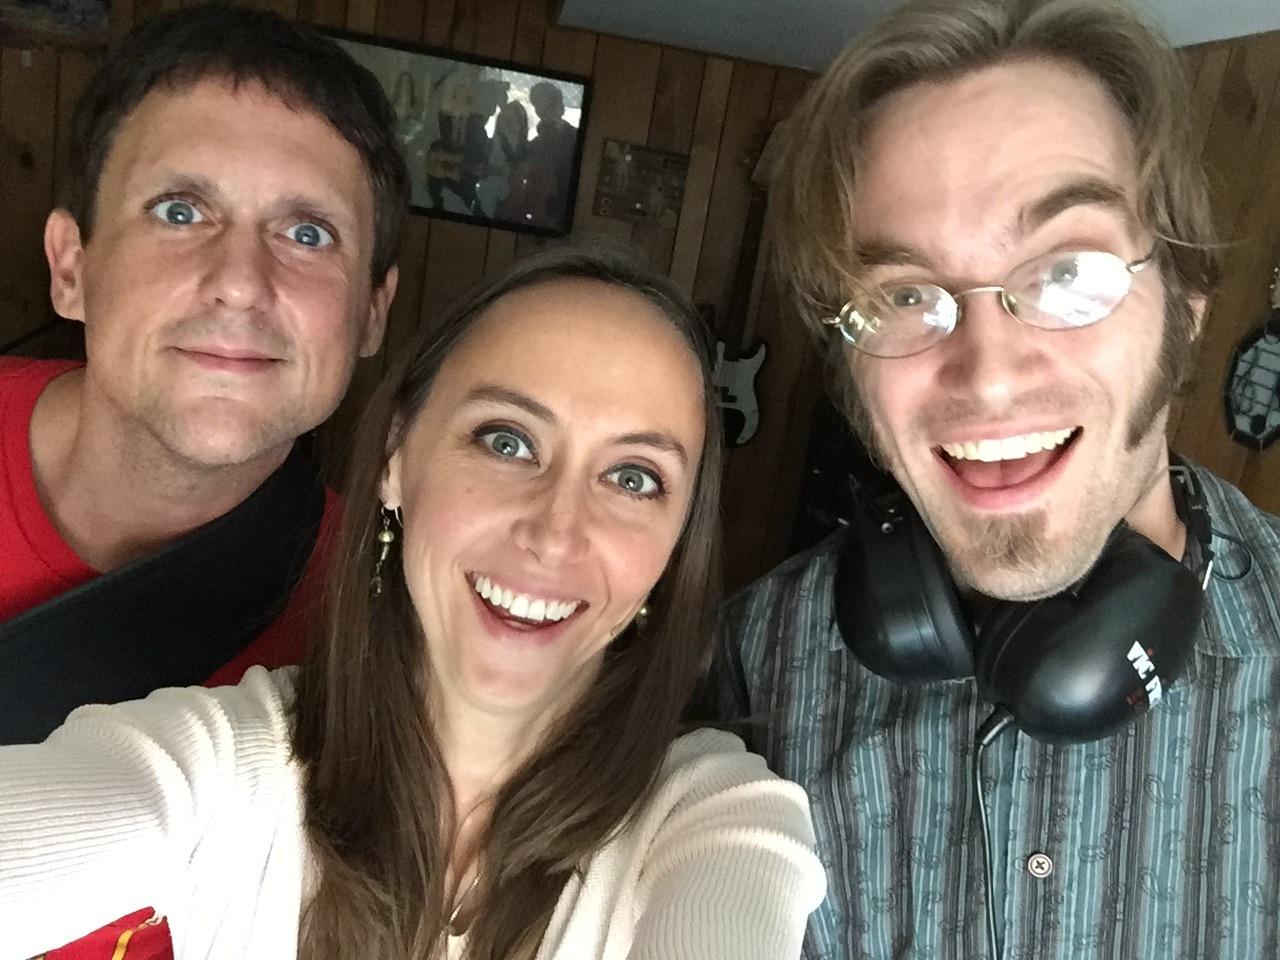 Kirk Duval, Sarah Jane Hargis, and Andrew Noble